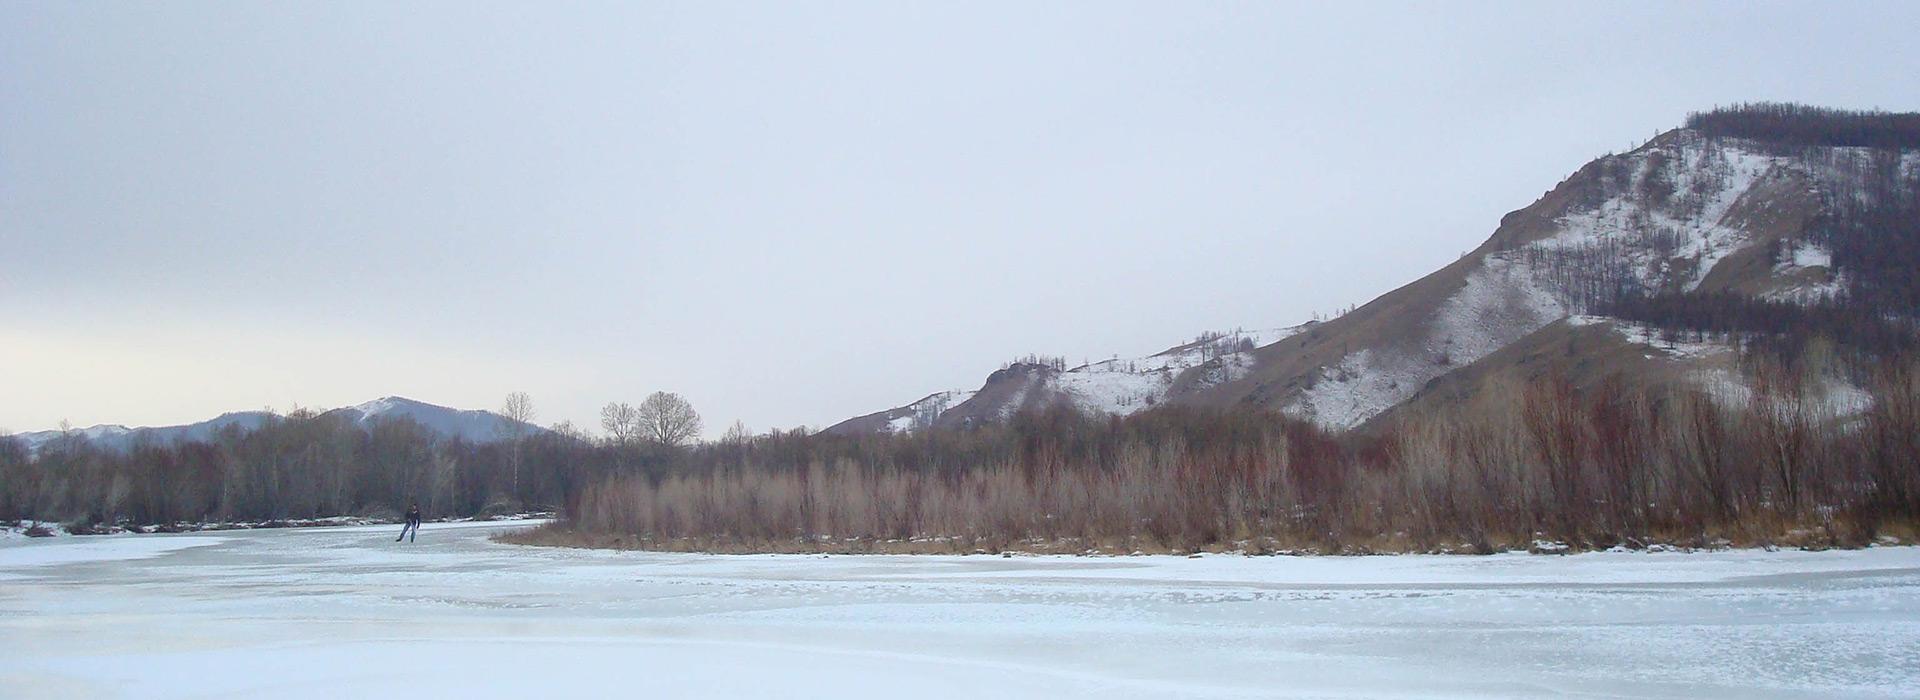 jalman-meadows-winter-ice-river